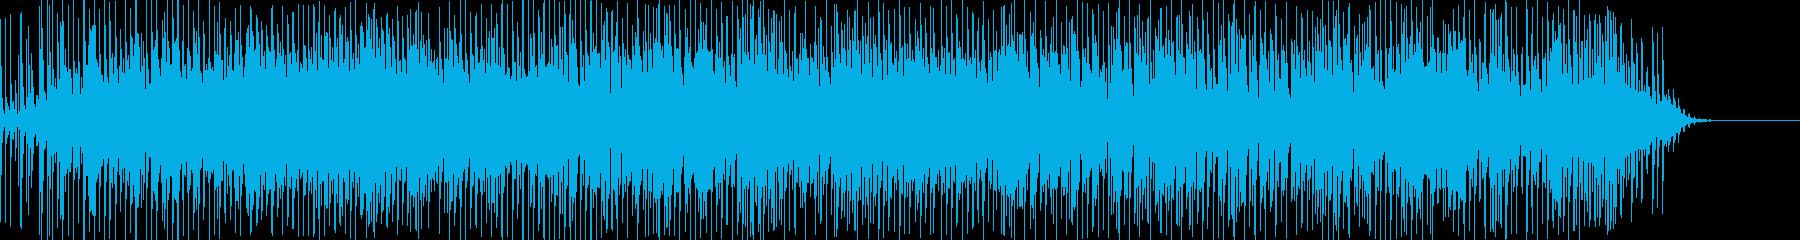 不思議ギター音入りのエレクトロBGMですの再生済みの波形